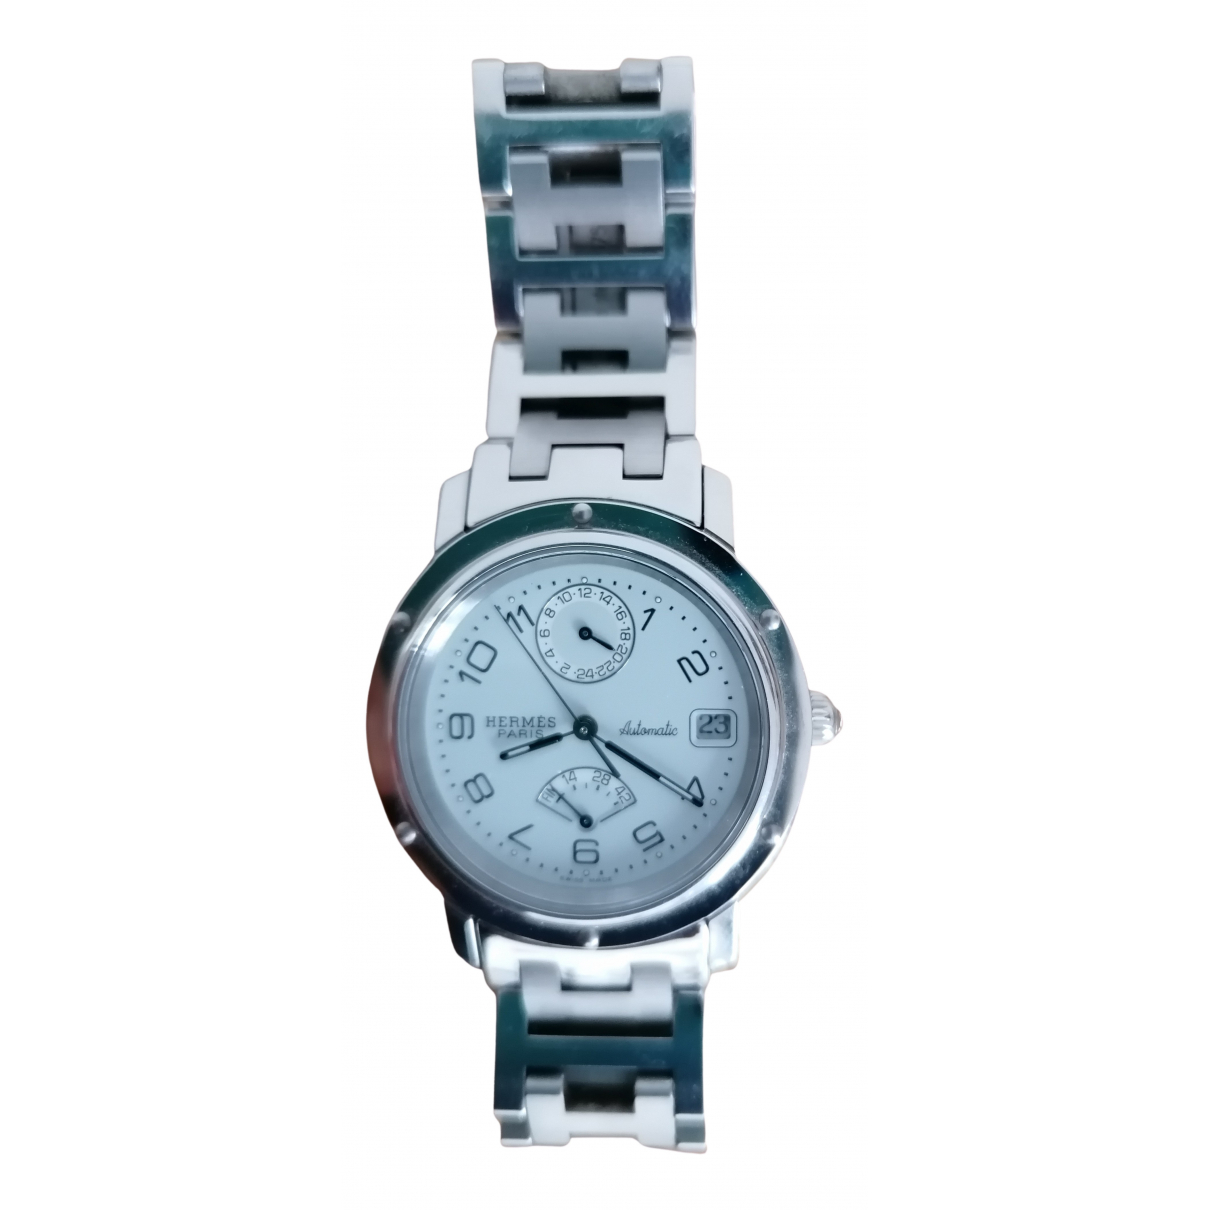 Hermes Clipper Chronographe Uhr in Stahl